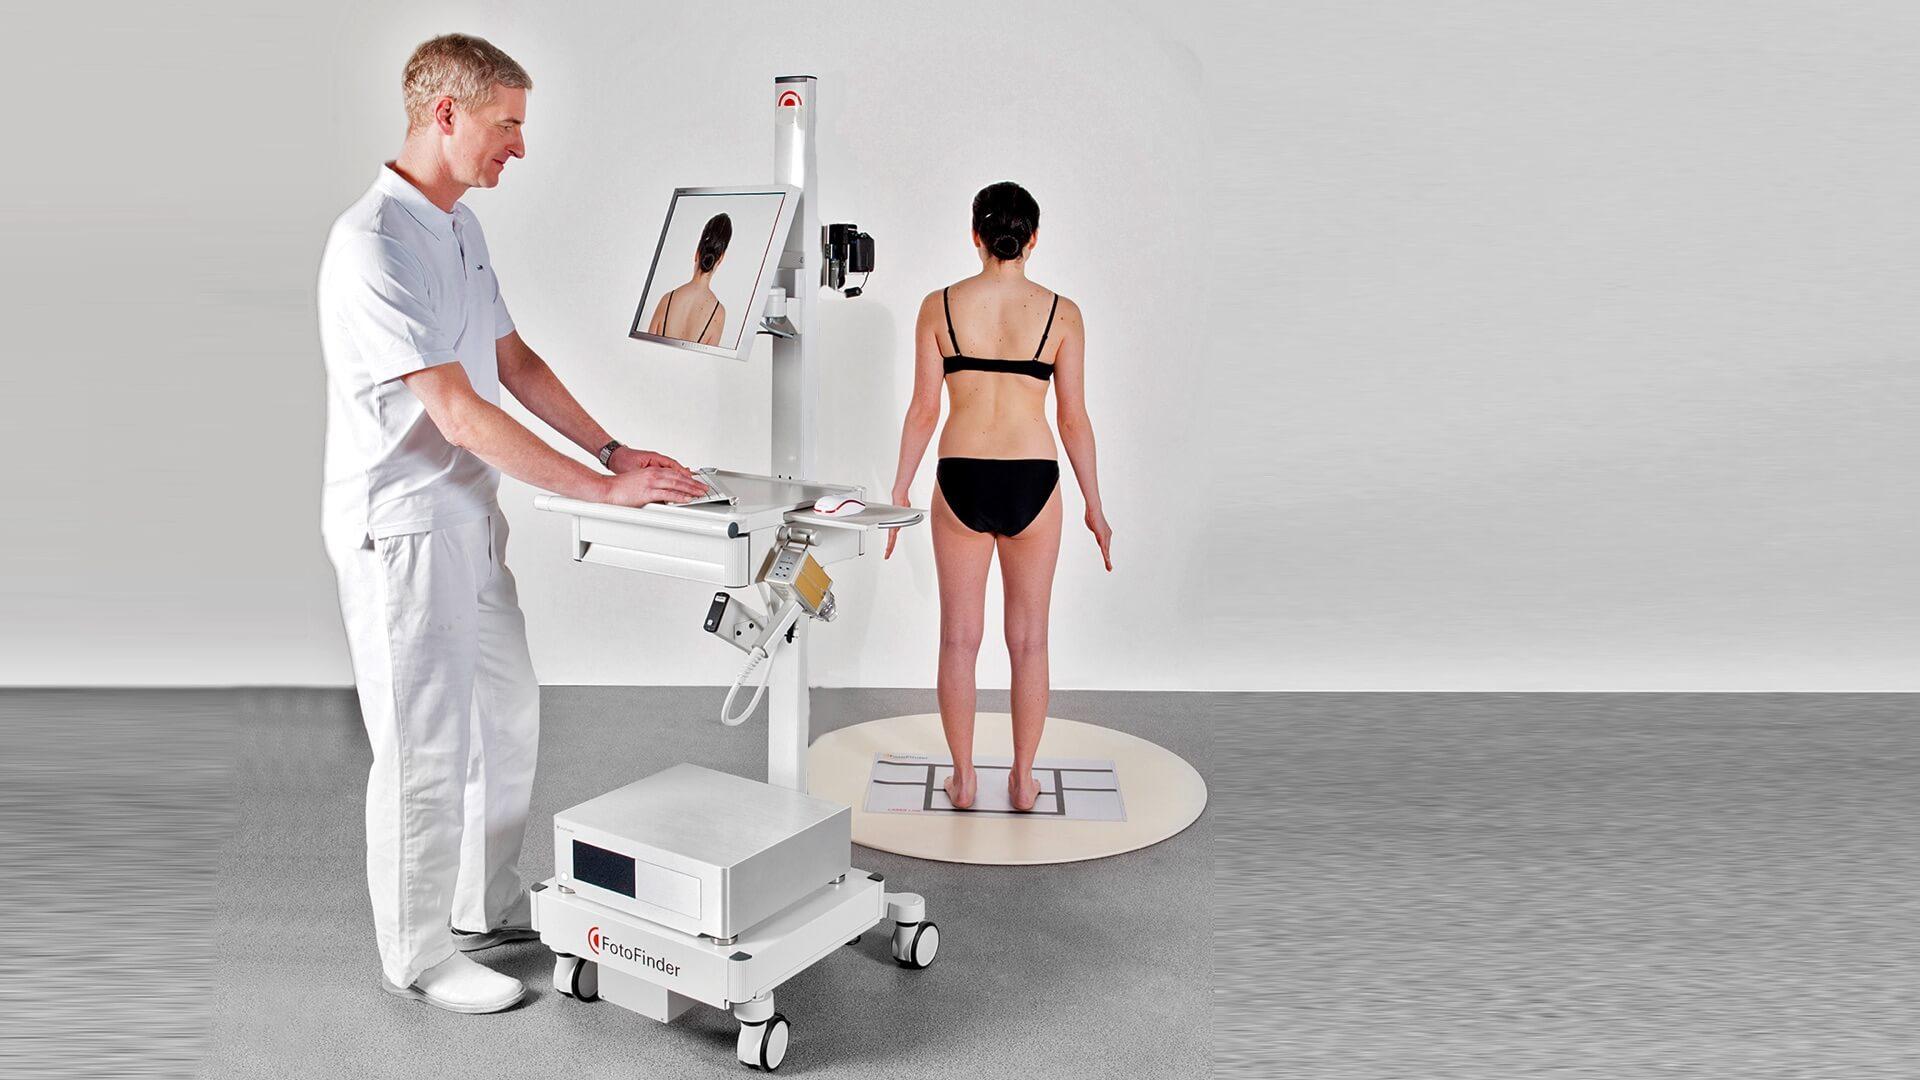 Hautkrebsscreening mit Hilfe der Bodymapping-Methode